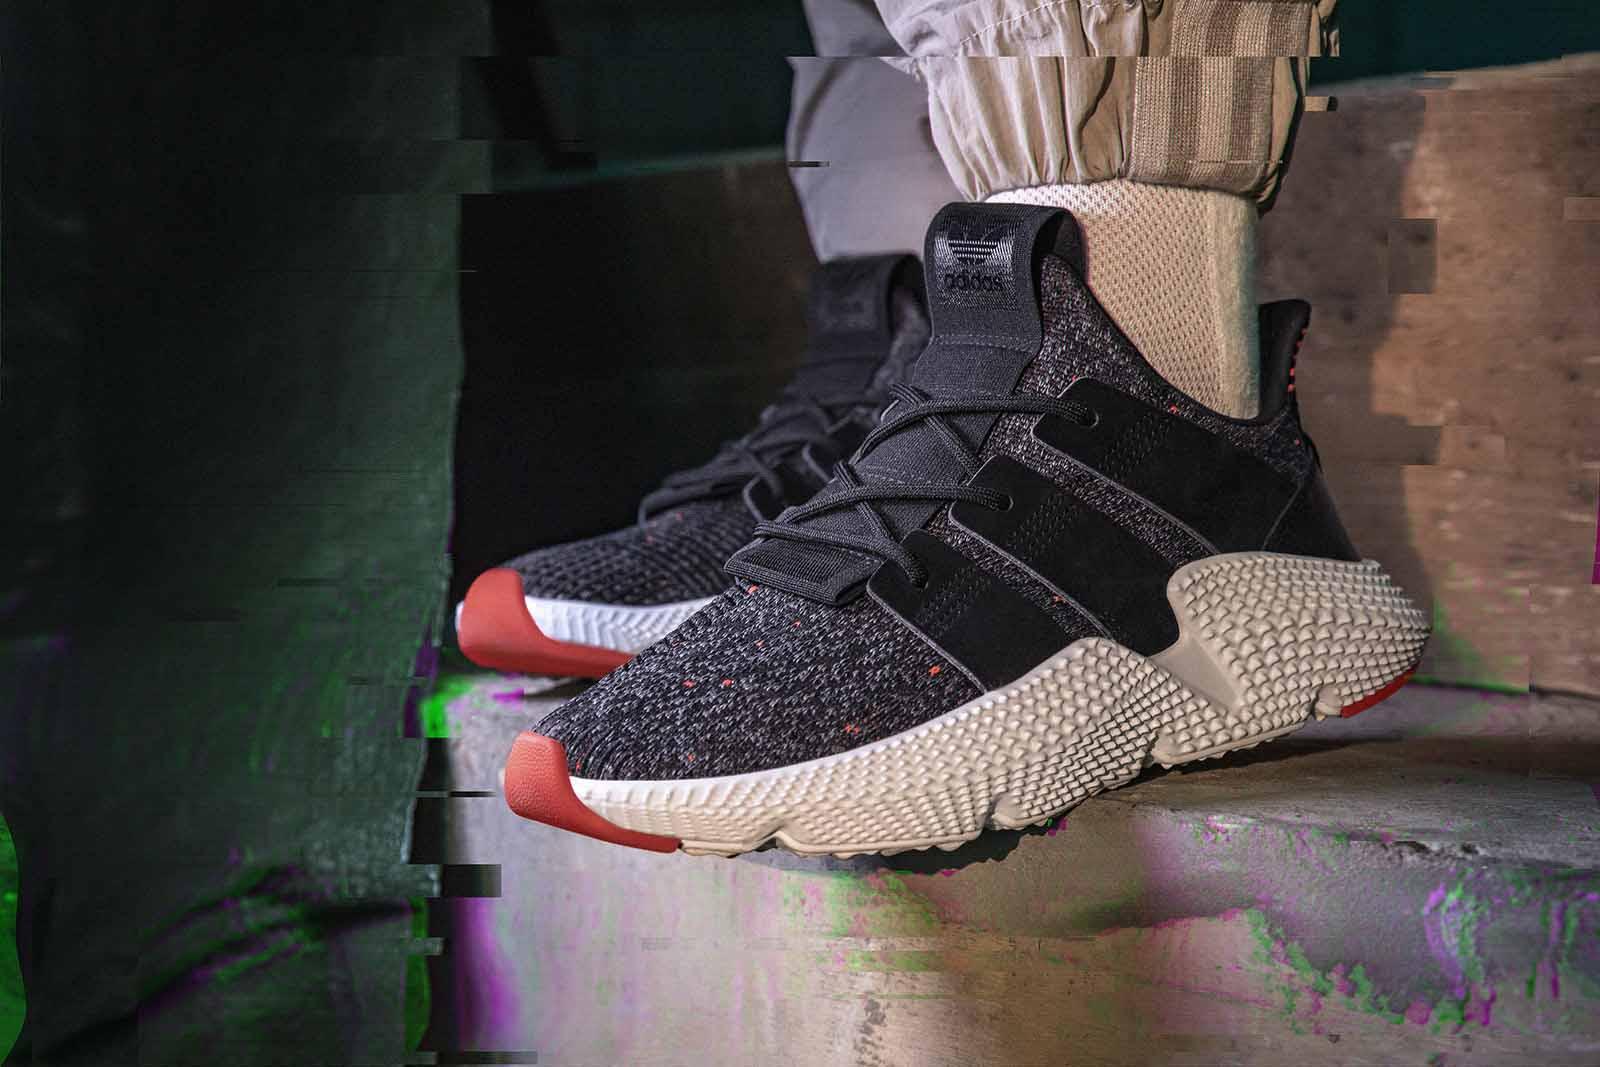 adidas-originals-launches-prophere-3